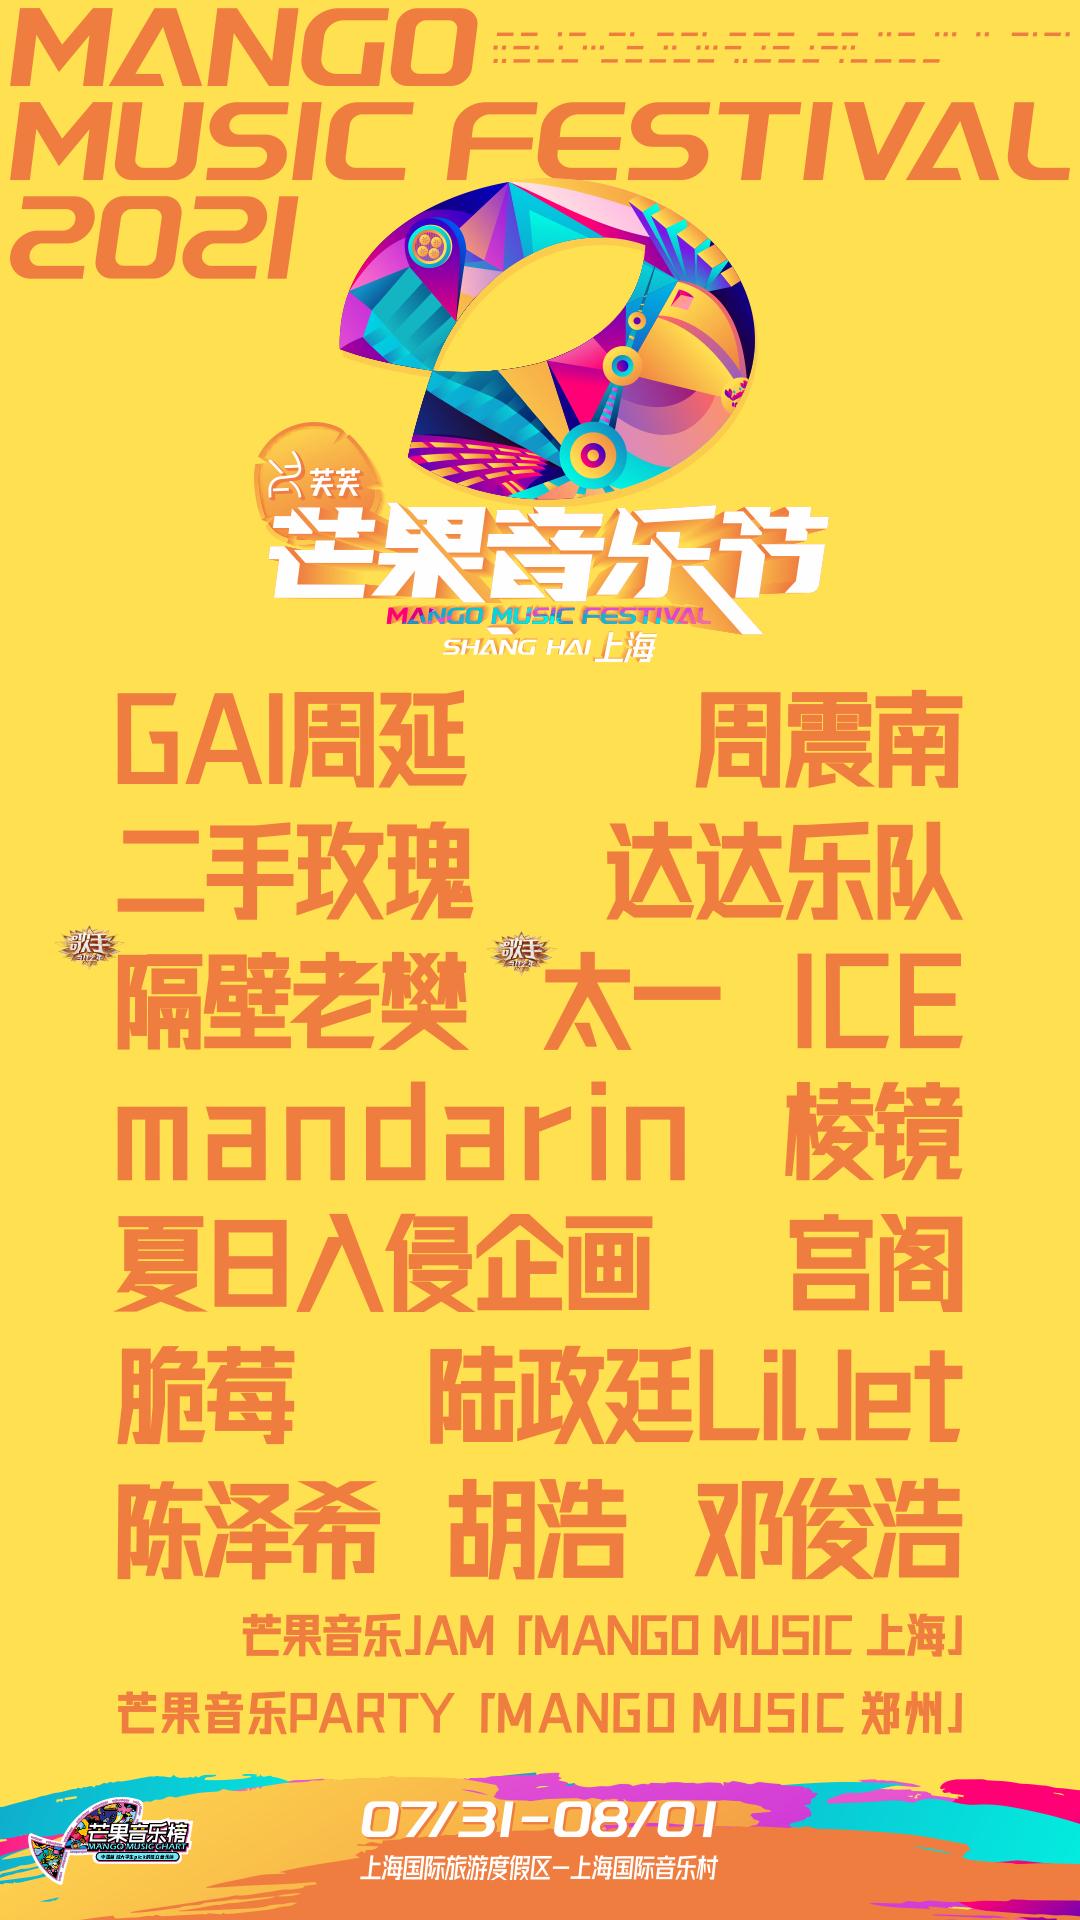 2021上海芒果音乐节[GAI周延/周震南/宫阁/二手玫瑰/隔壁老樊]